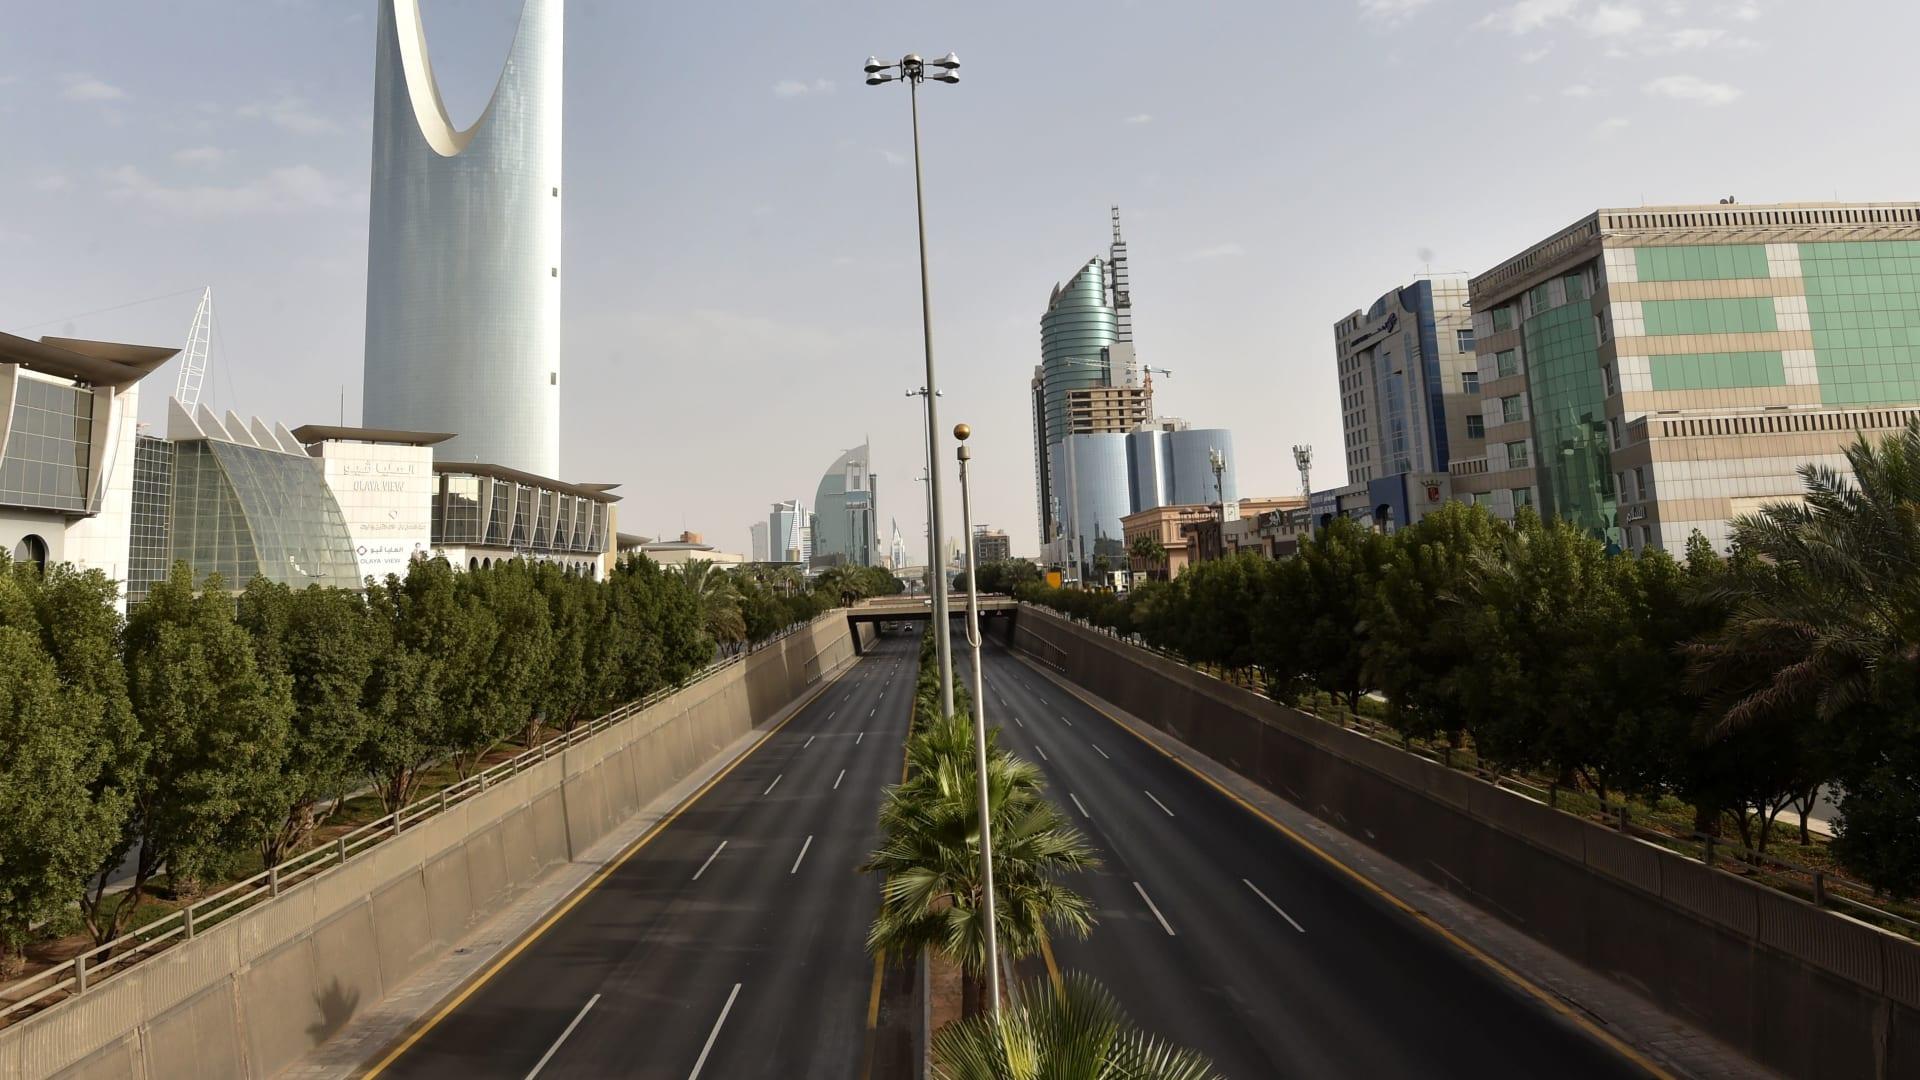 العاصمة السعودية الرياض خلال ساعات حظر التجوال